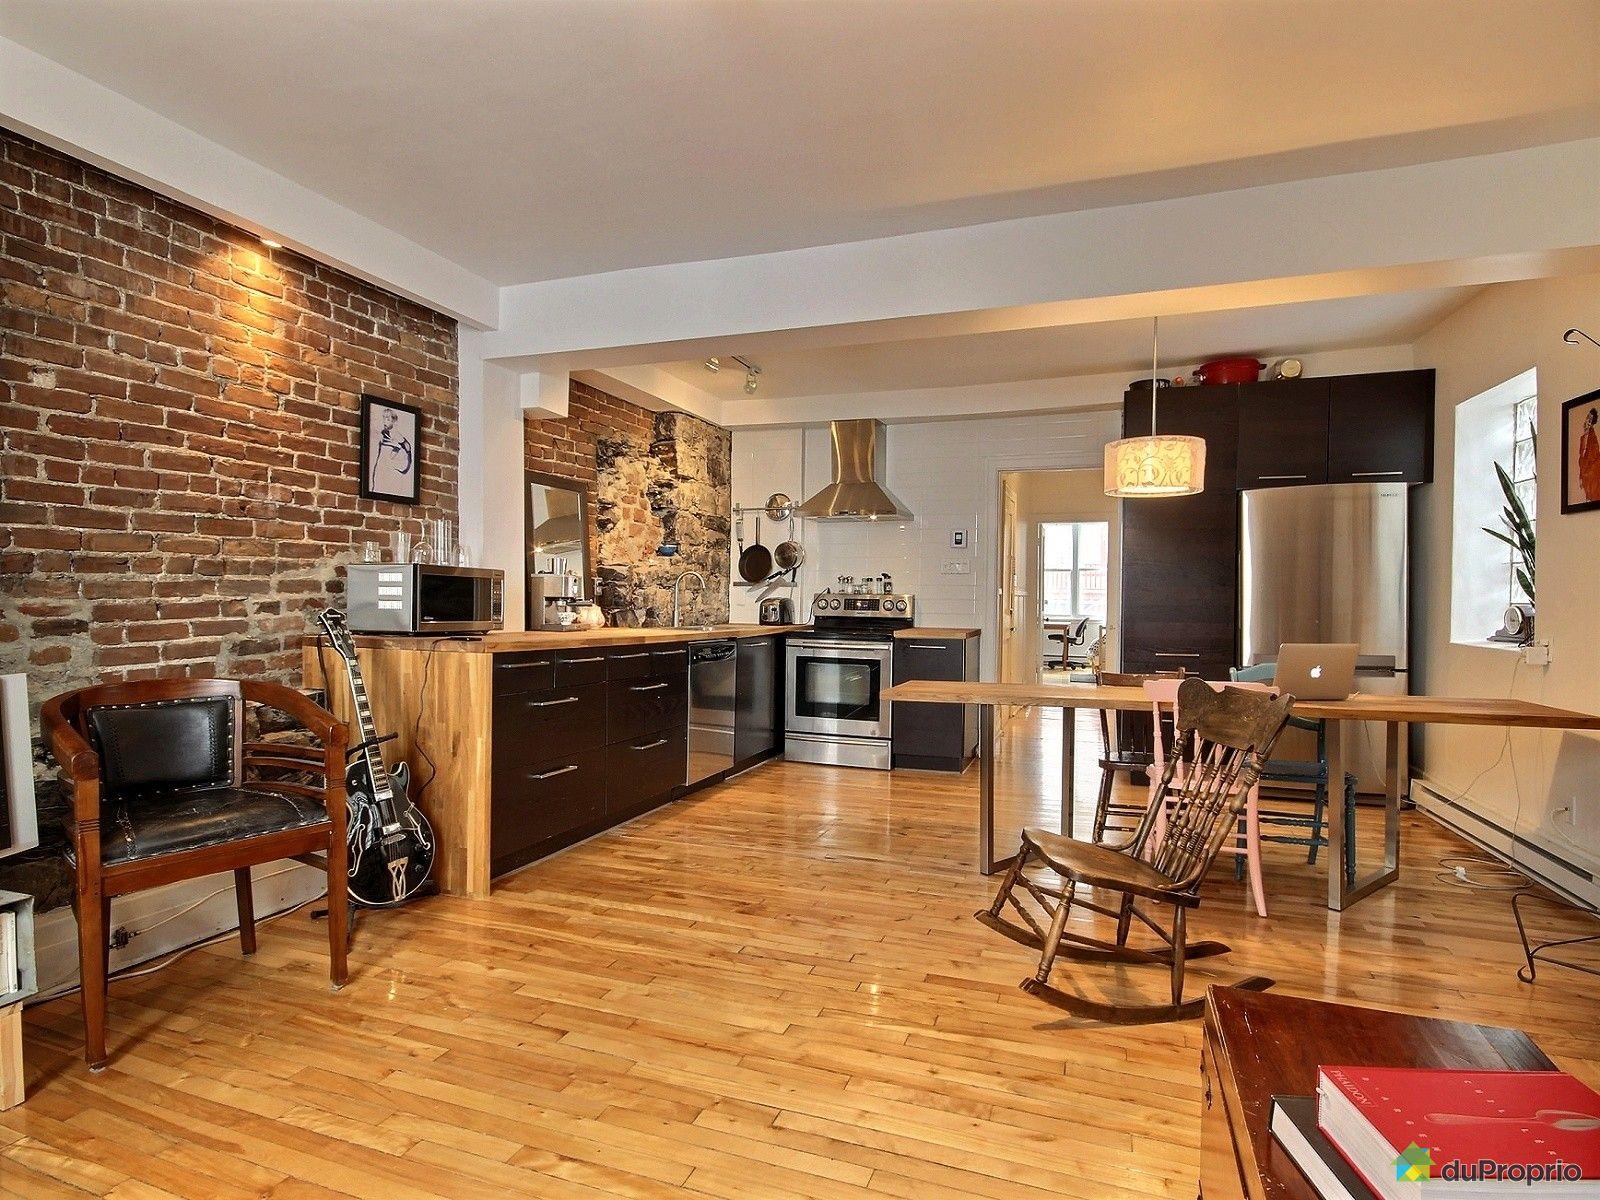 condo vendre vieux qu bec 1 18 rue monseigneur de laval immobilier qu bec duproprio 603569. Black Bedroom Furniture Sets. Home Design Ideas